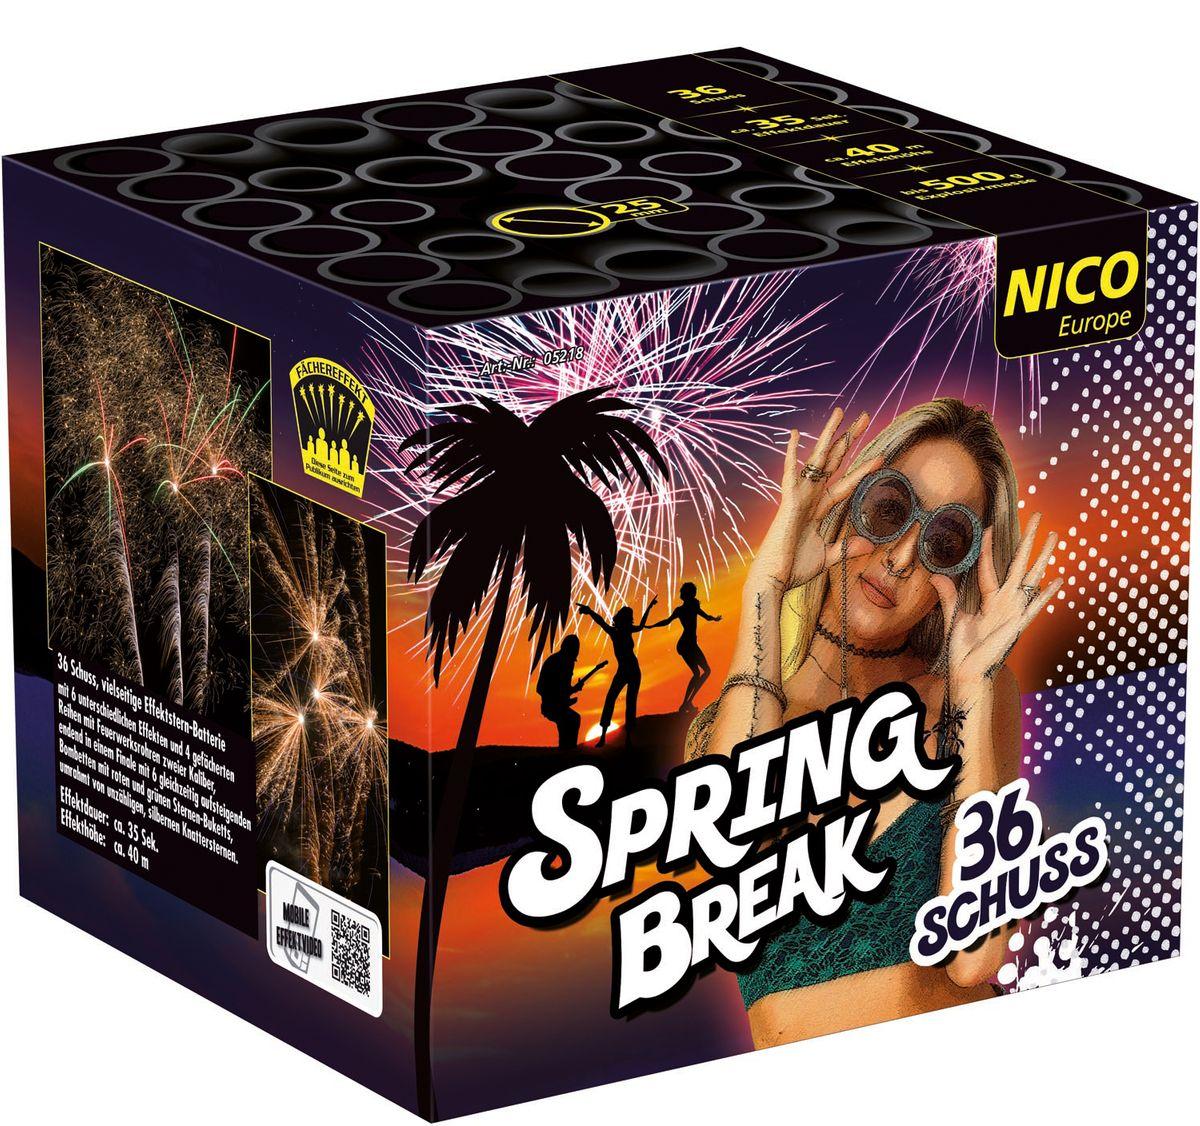 Spring Break Feuerwerksbatterie 36 Schuss,  für Silvester, Hochzeiten, Geburtstage uvm.